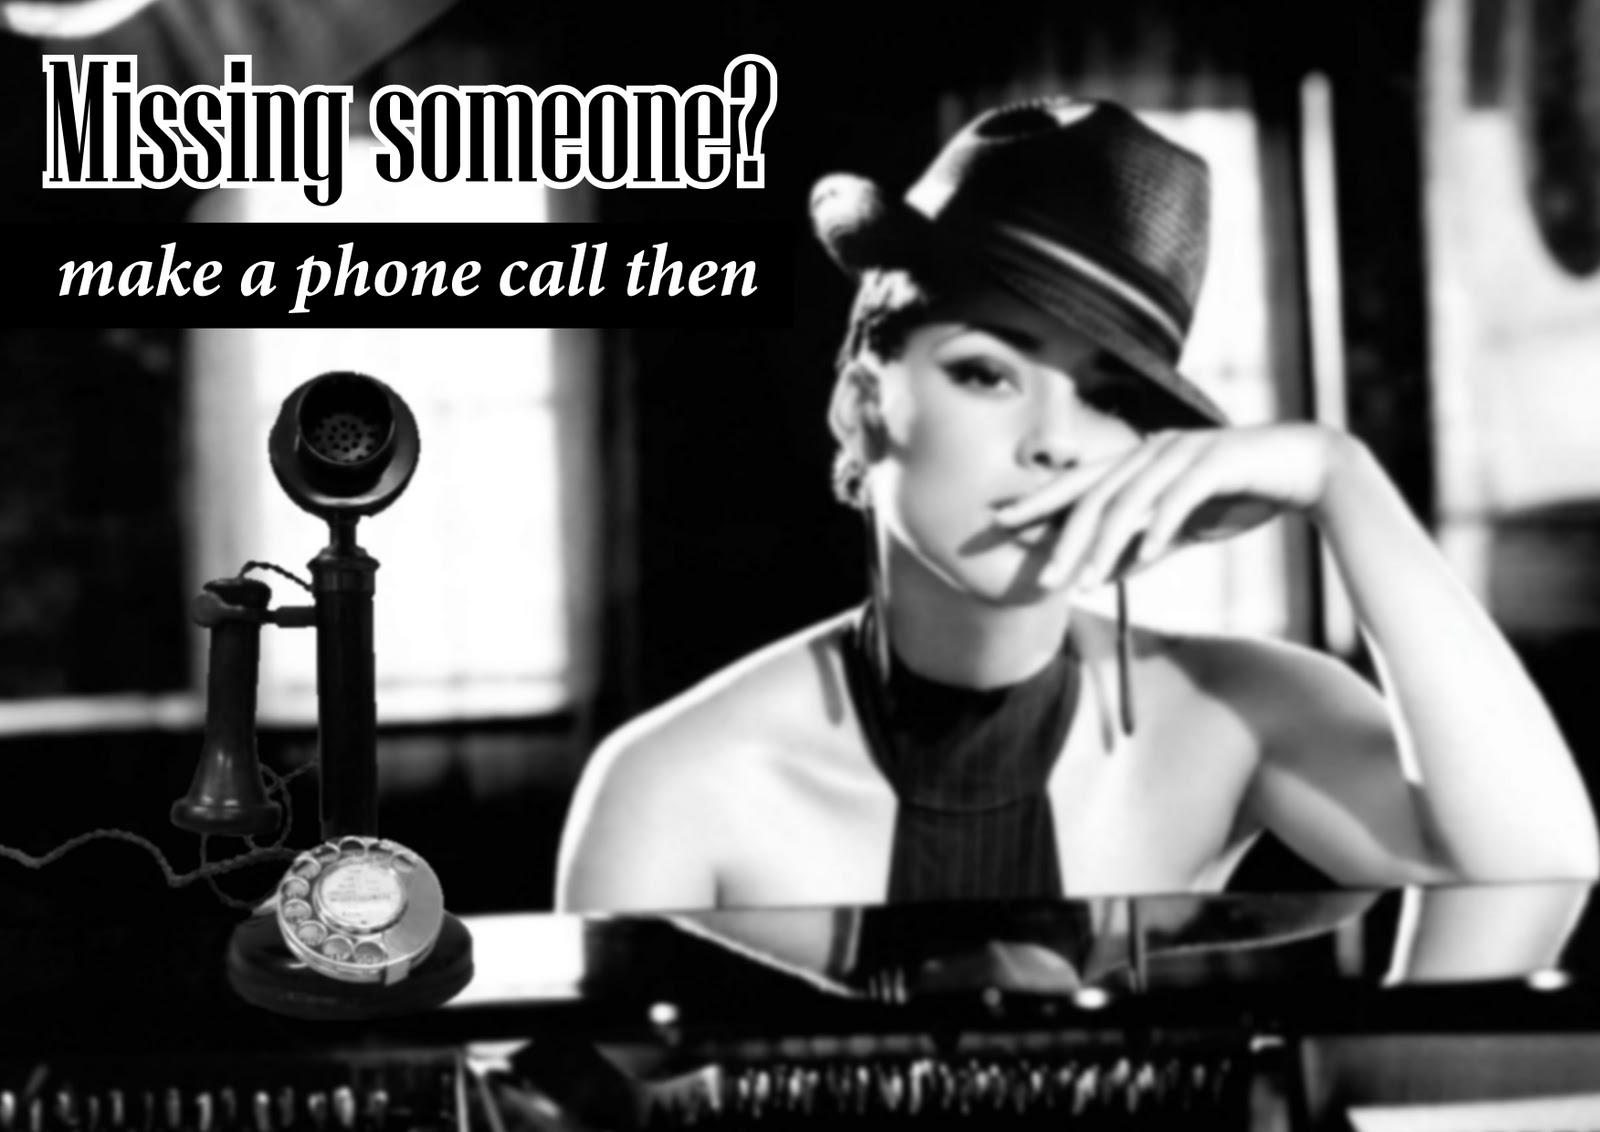 1920s telephone ad